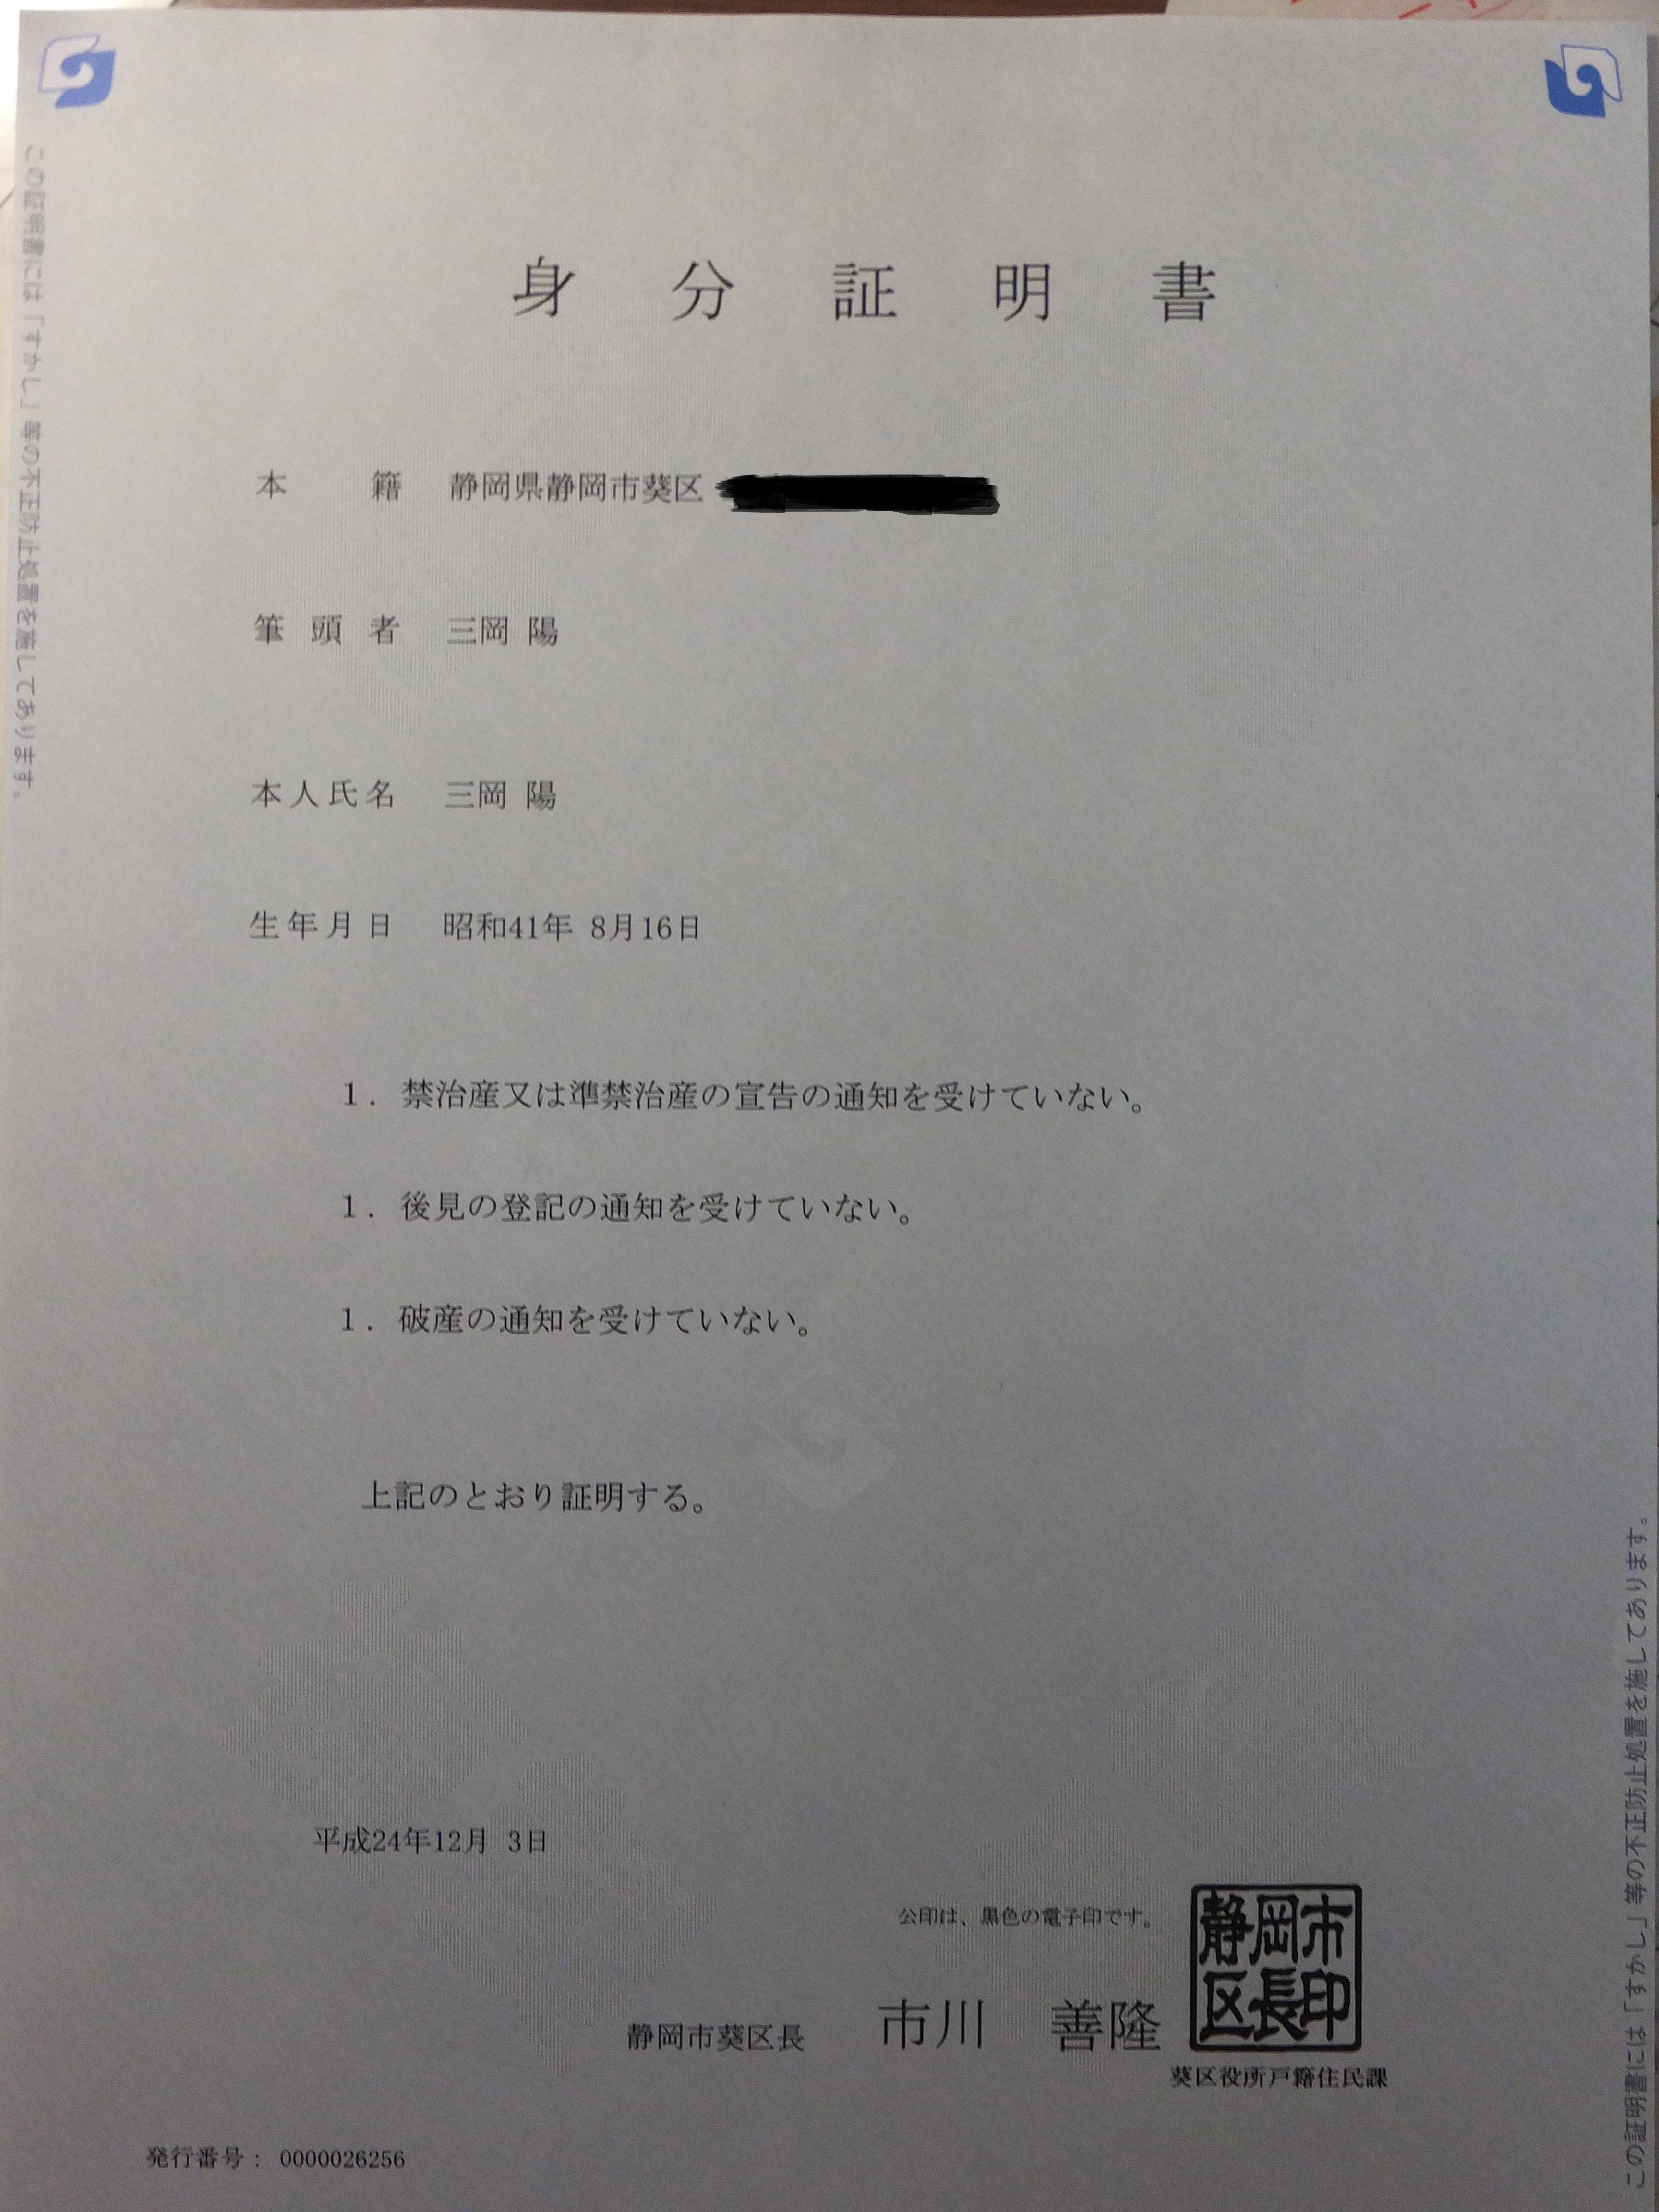 身分証明書 | 三岡陽(みつおか・よう)司法書士の骨【司法書士法人静岡】